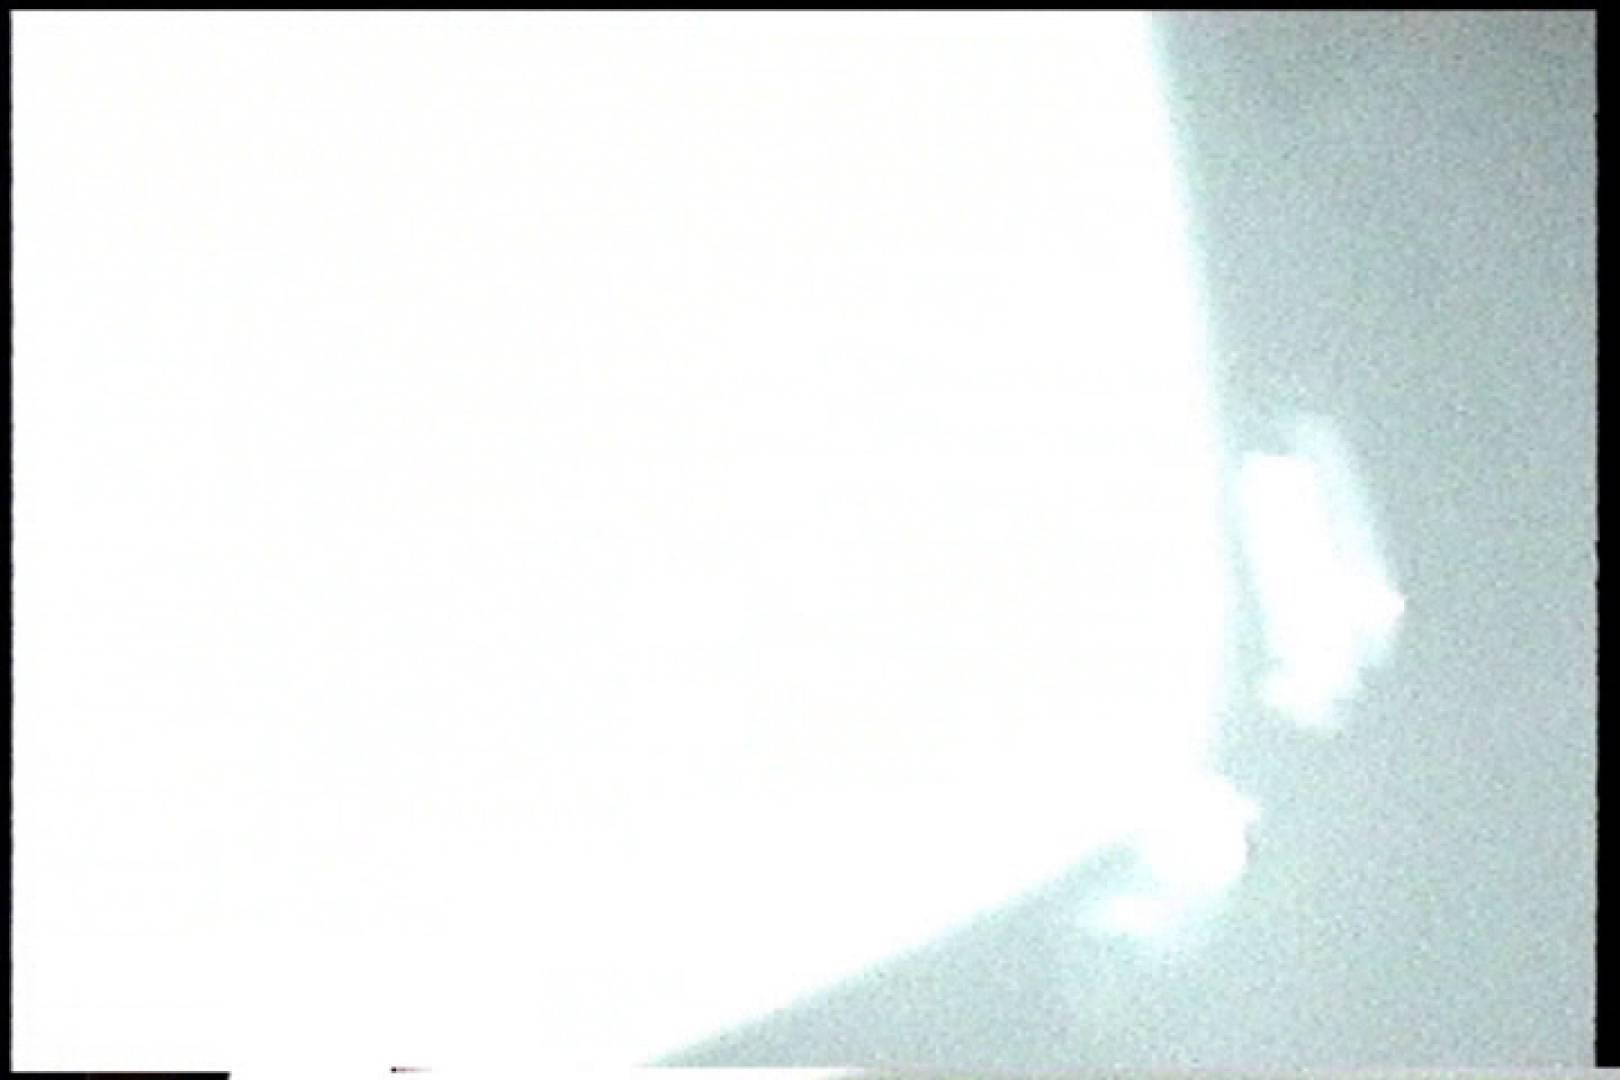 充血監督の深夜の運動会Vol.217 カップル | 独身エッチOL  74pic 51